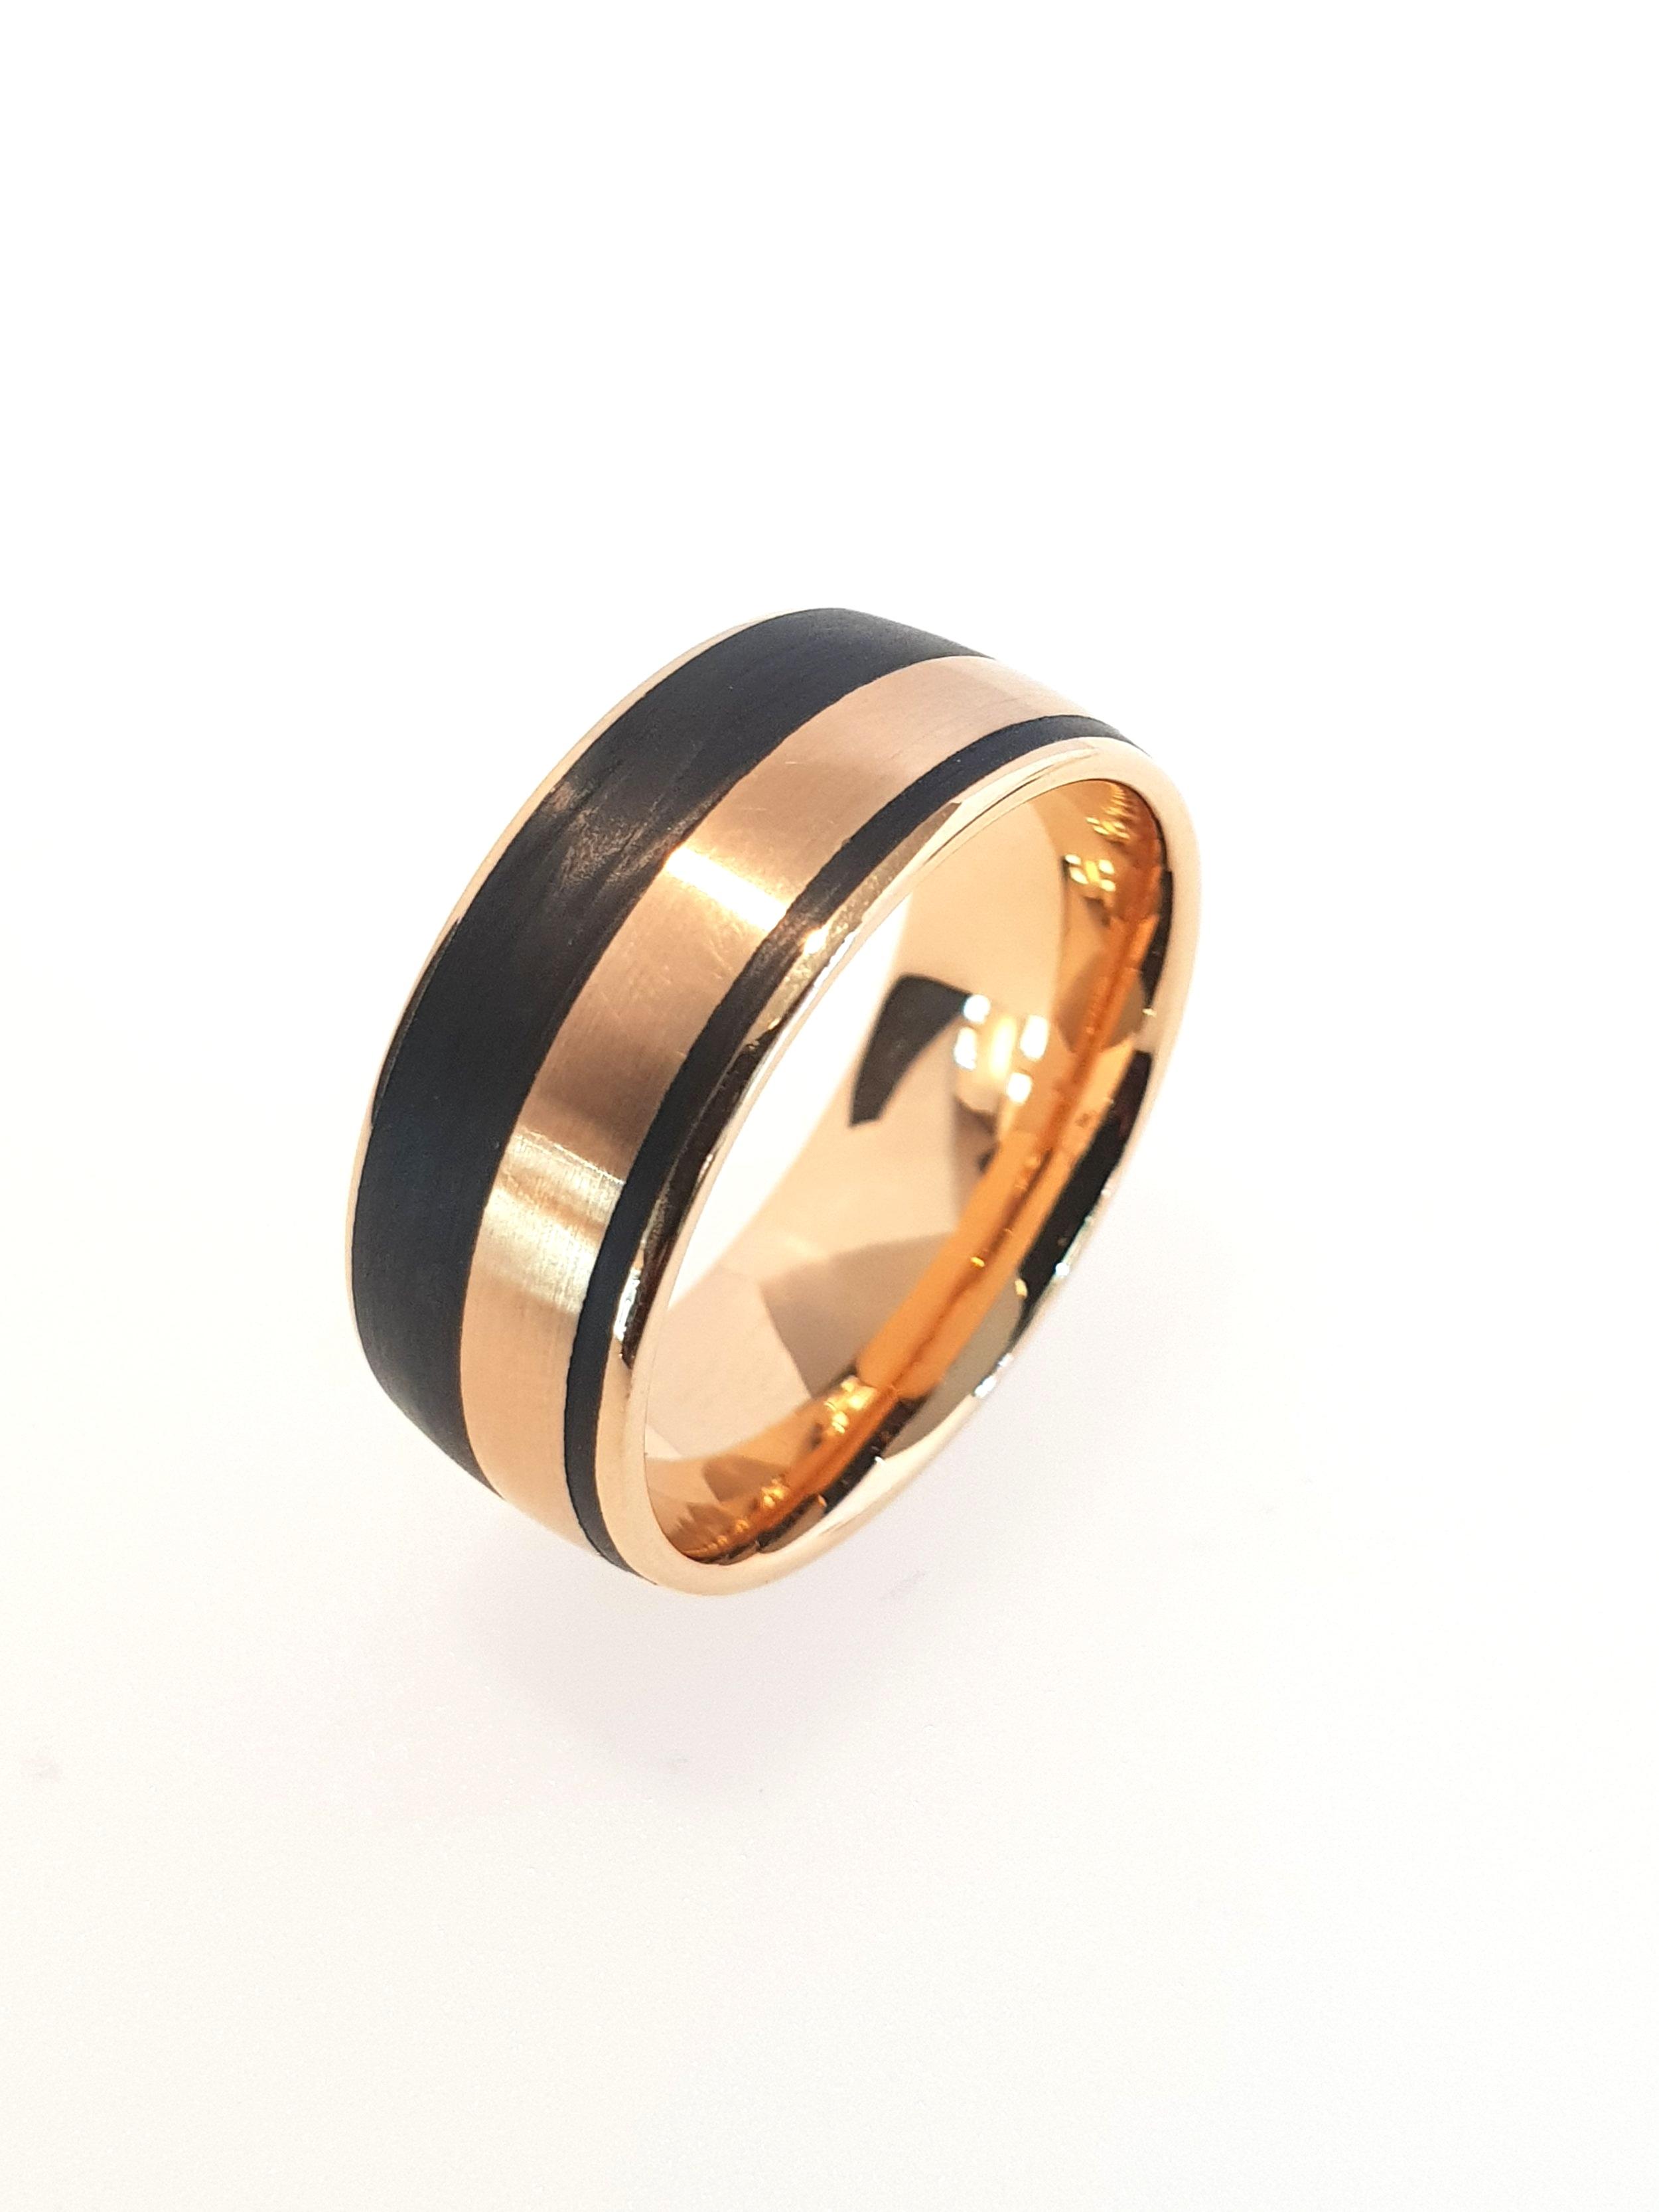 18ct Gold & Carbon Fibre Ring    Furrer Jacot (Model: 71-29140-0-0)   Current Stock Size: U  Stock Code: E9358  £1120